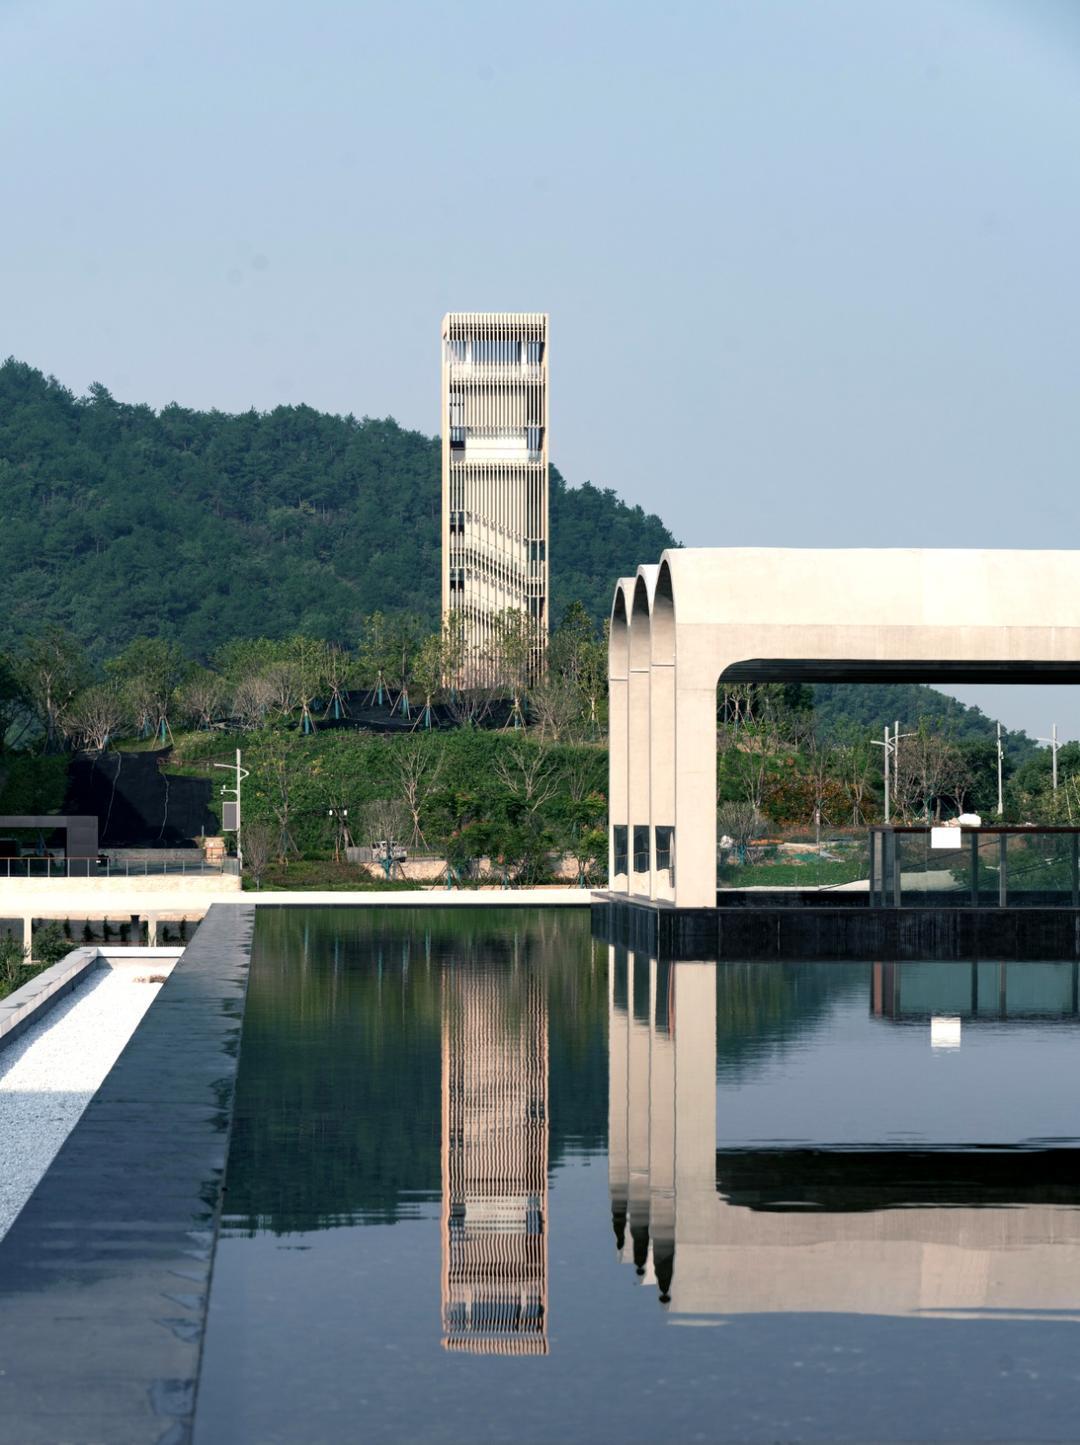 陶公讲堂和景观塔  | 摄影:尹明